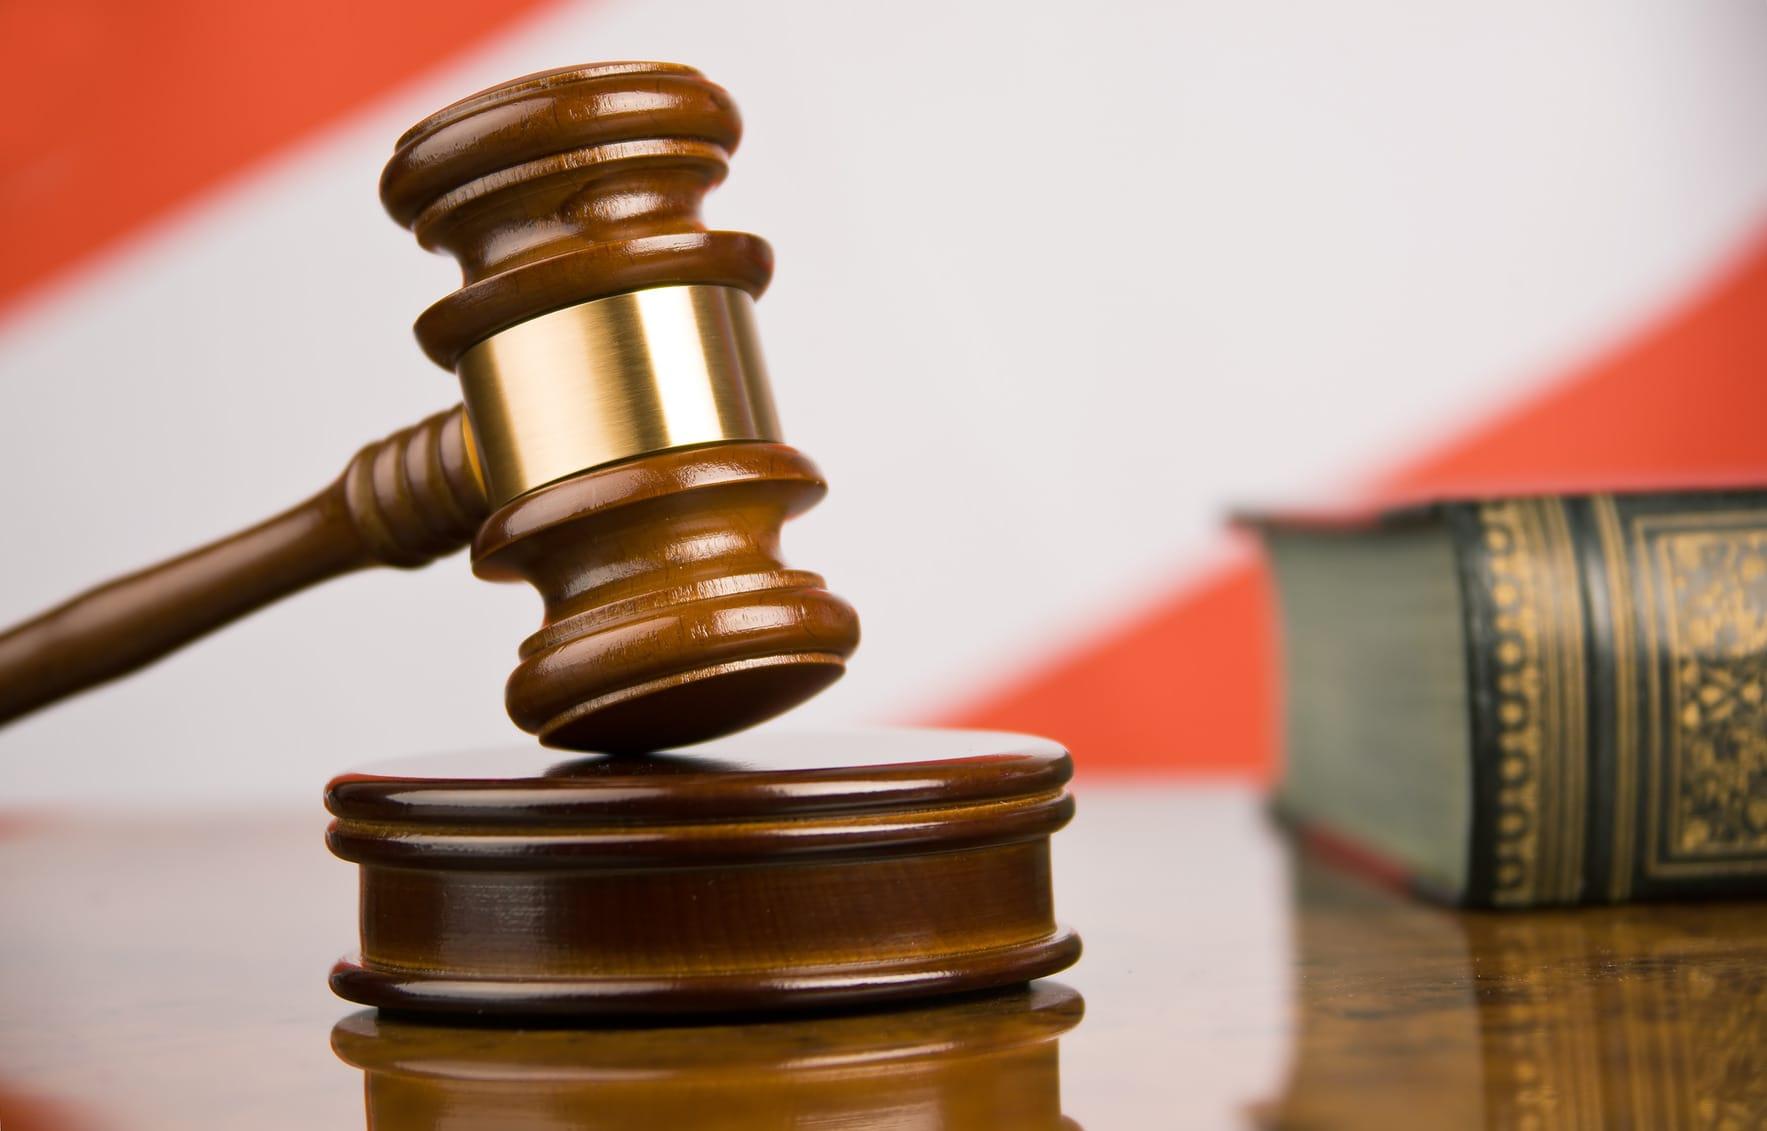 Передано всуд дело бердского экс-депутата, обвиняемого в12 преступлениях